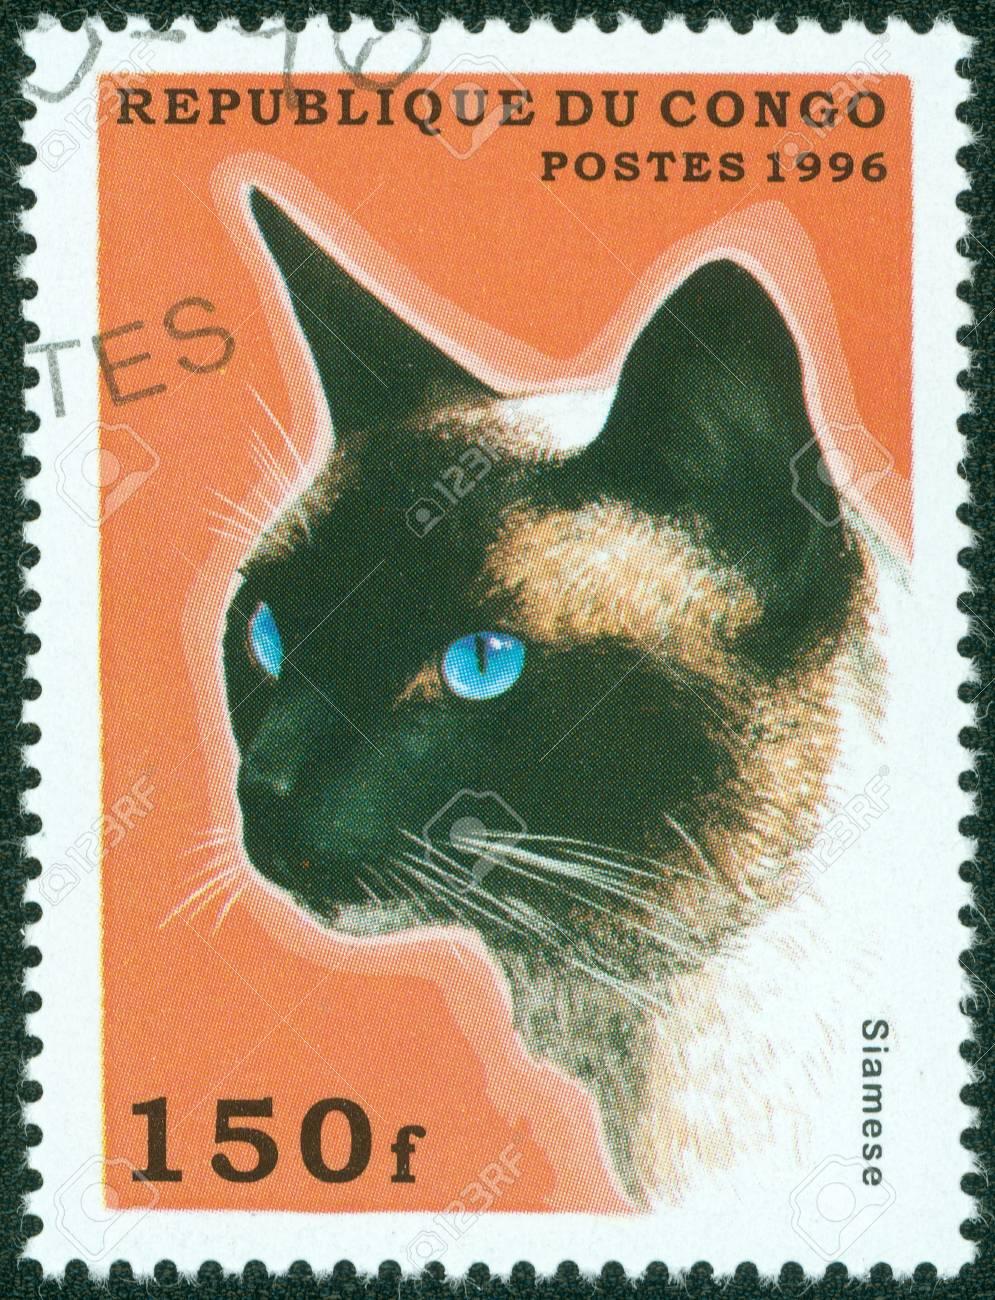 CONGO - CIRCA 1996  A stamp printed in Congo shows Siamese, circa 1996  Stock Photo - 15854953